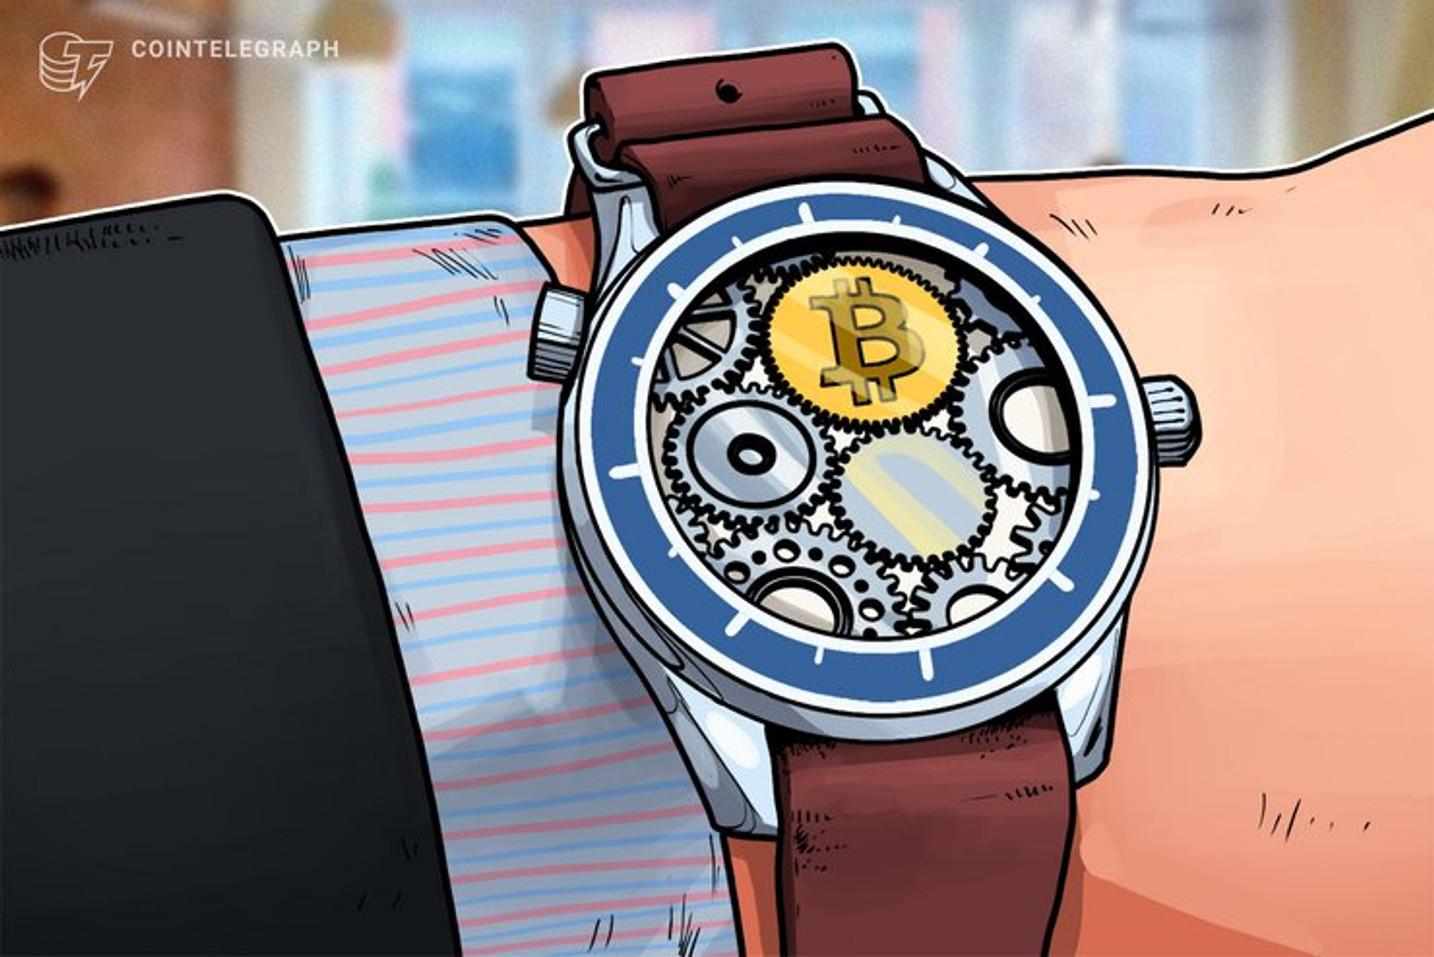 Schweizer Luxusuhrenmacher Franck Muller präsentiert Bitcoin-Uhr mit Cold-Wallet